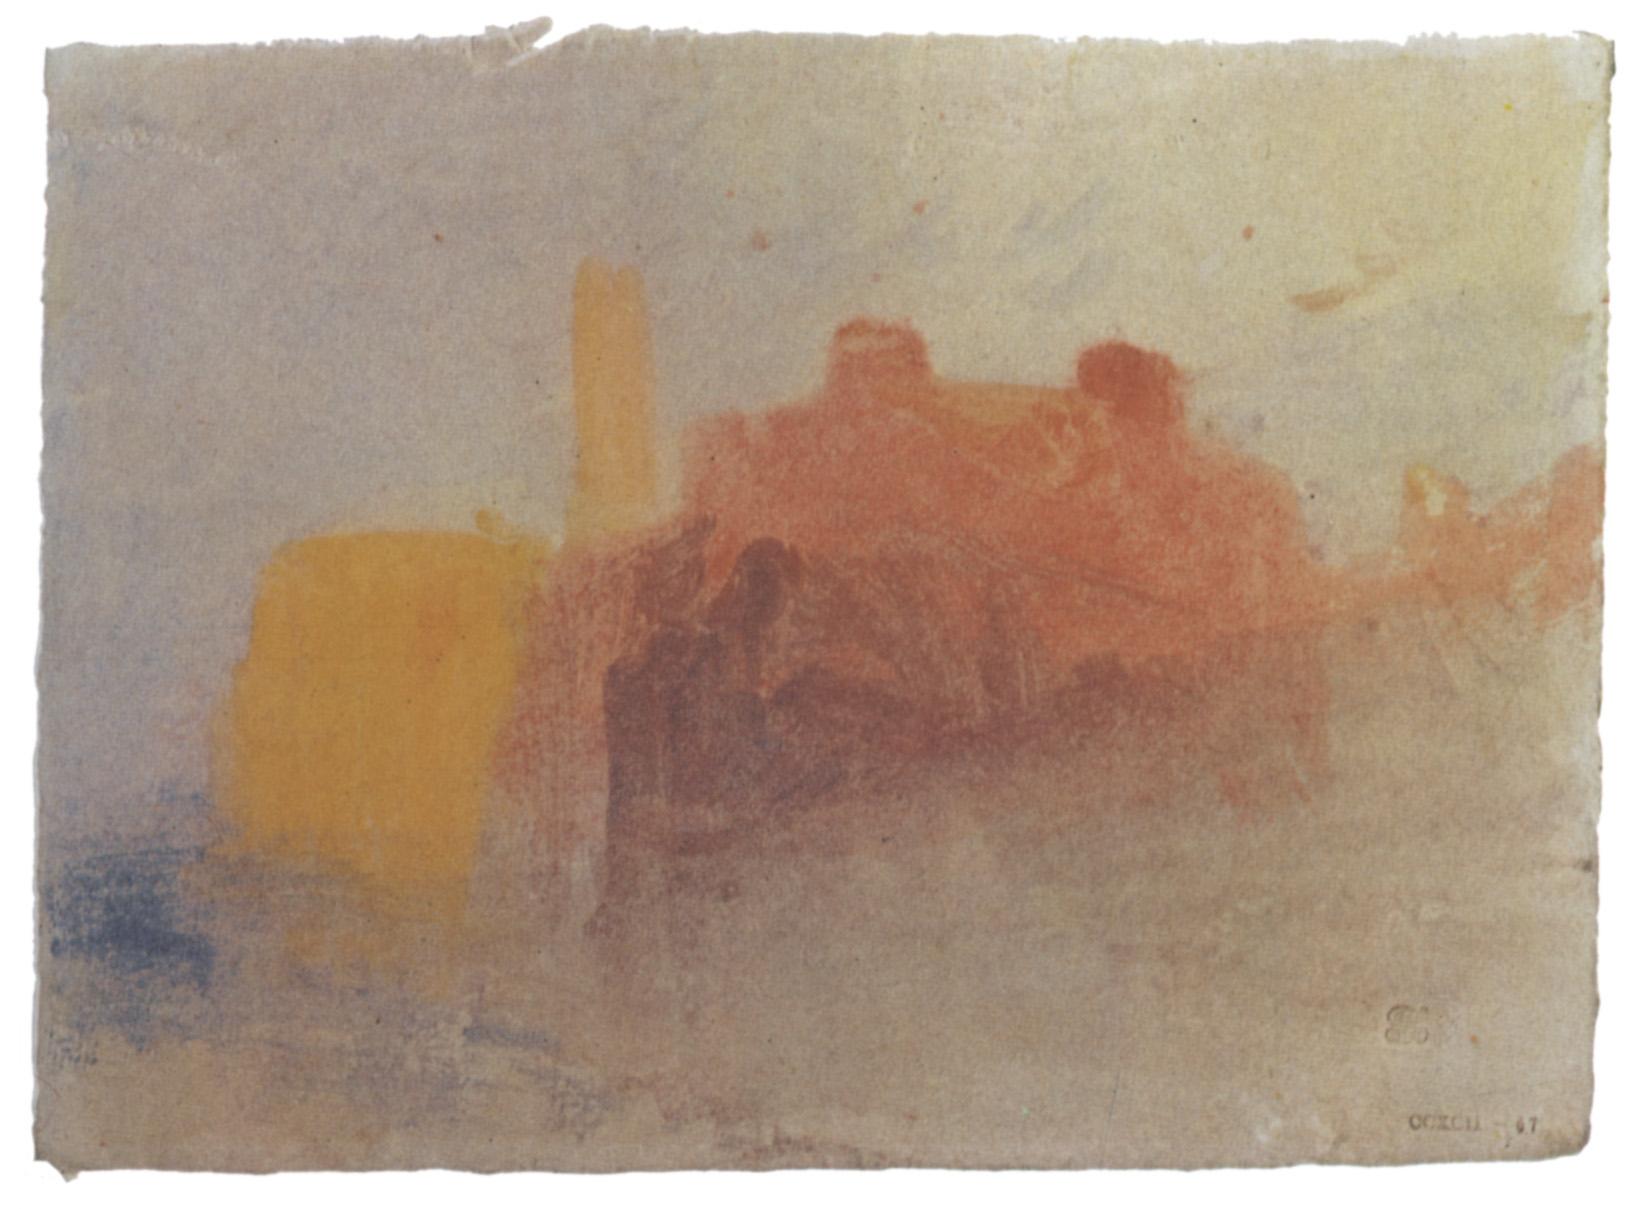 Datei:Turner-Gebaeude-1834.jpg